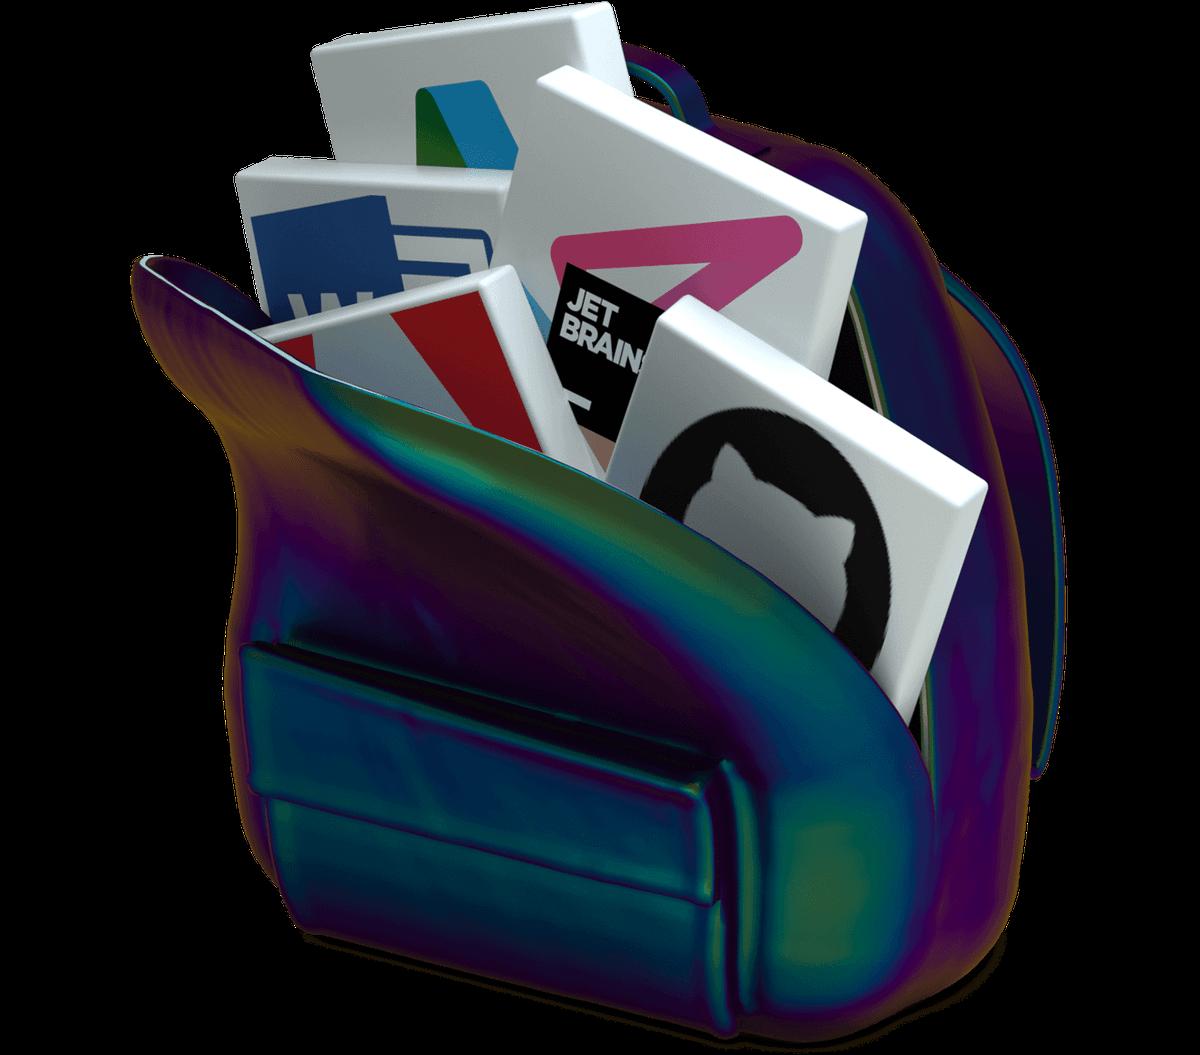 Как студенту сэкономить на лицензионном софте